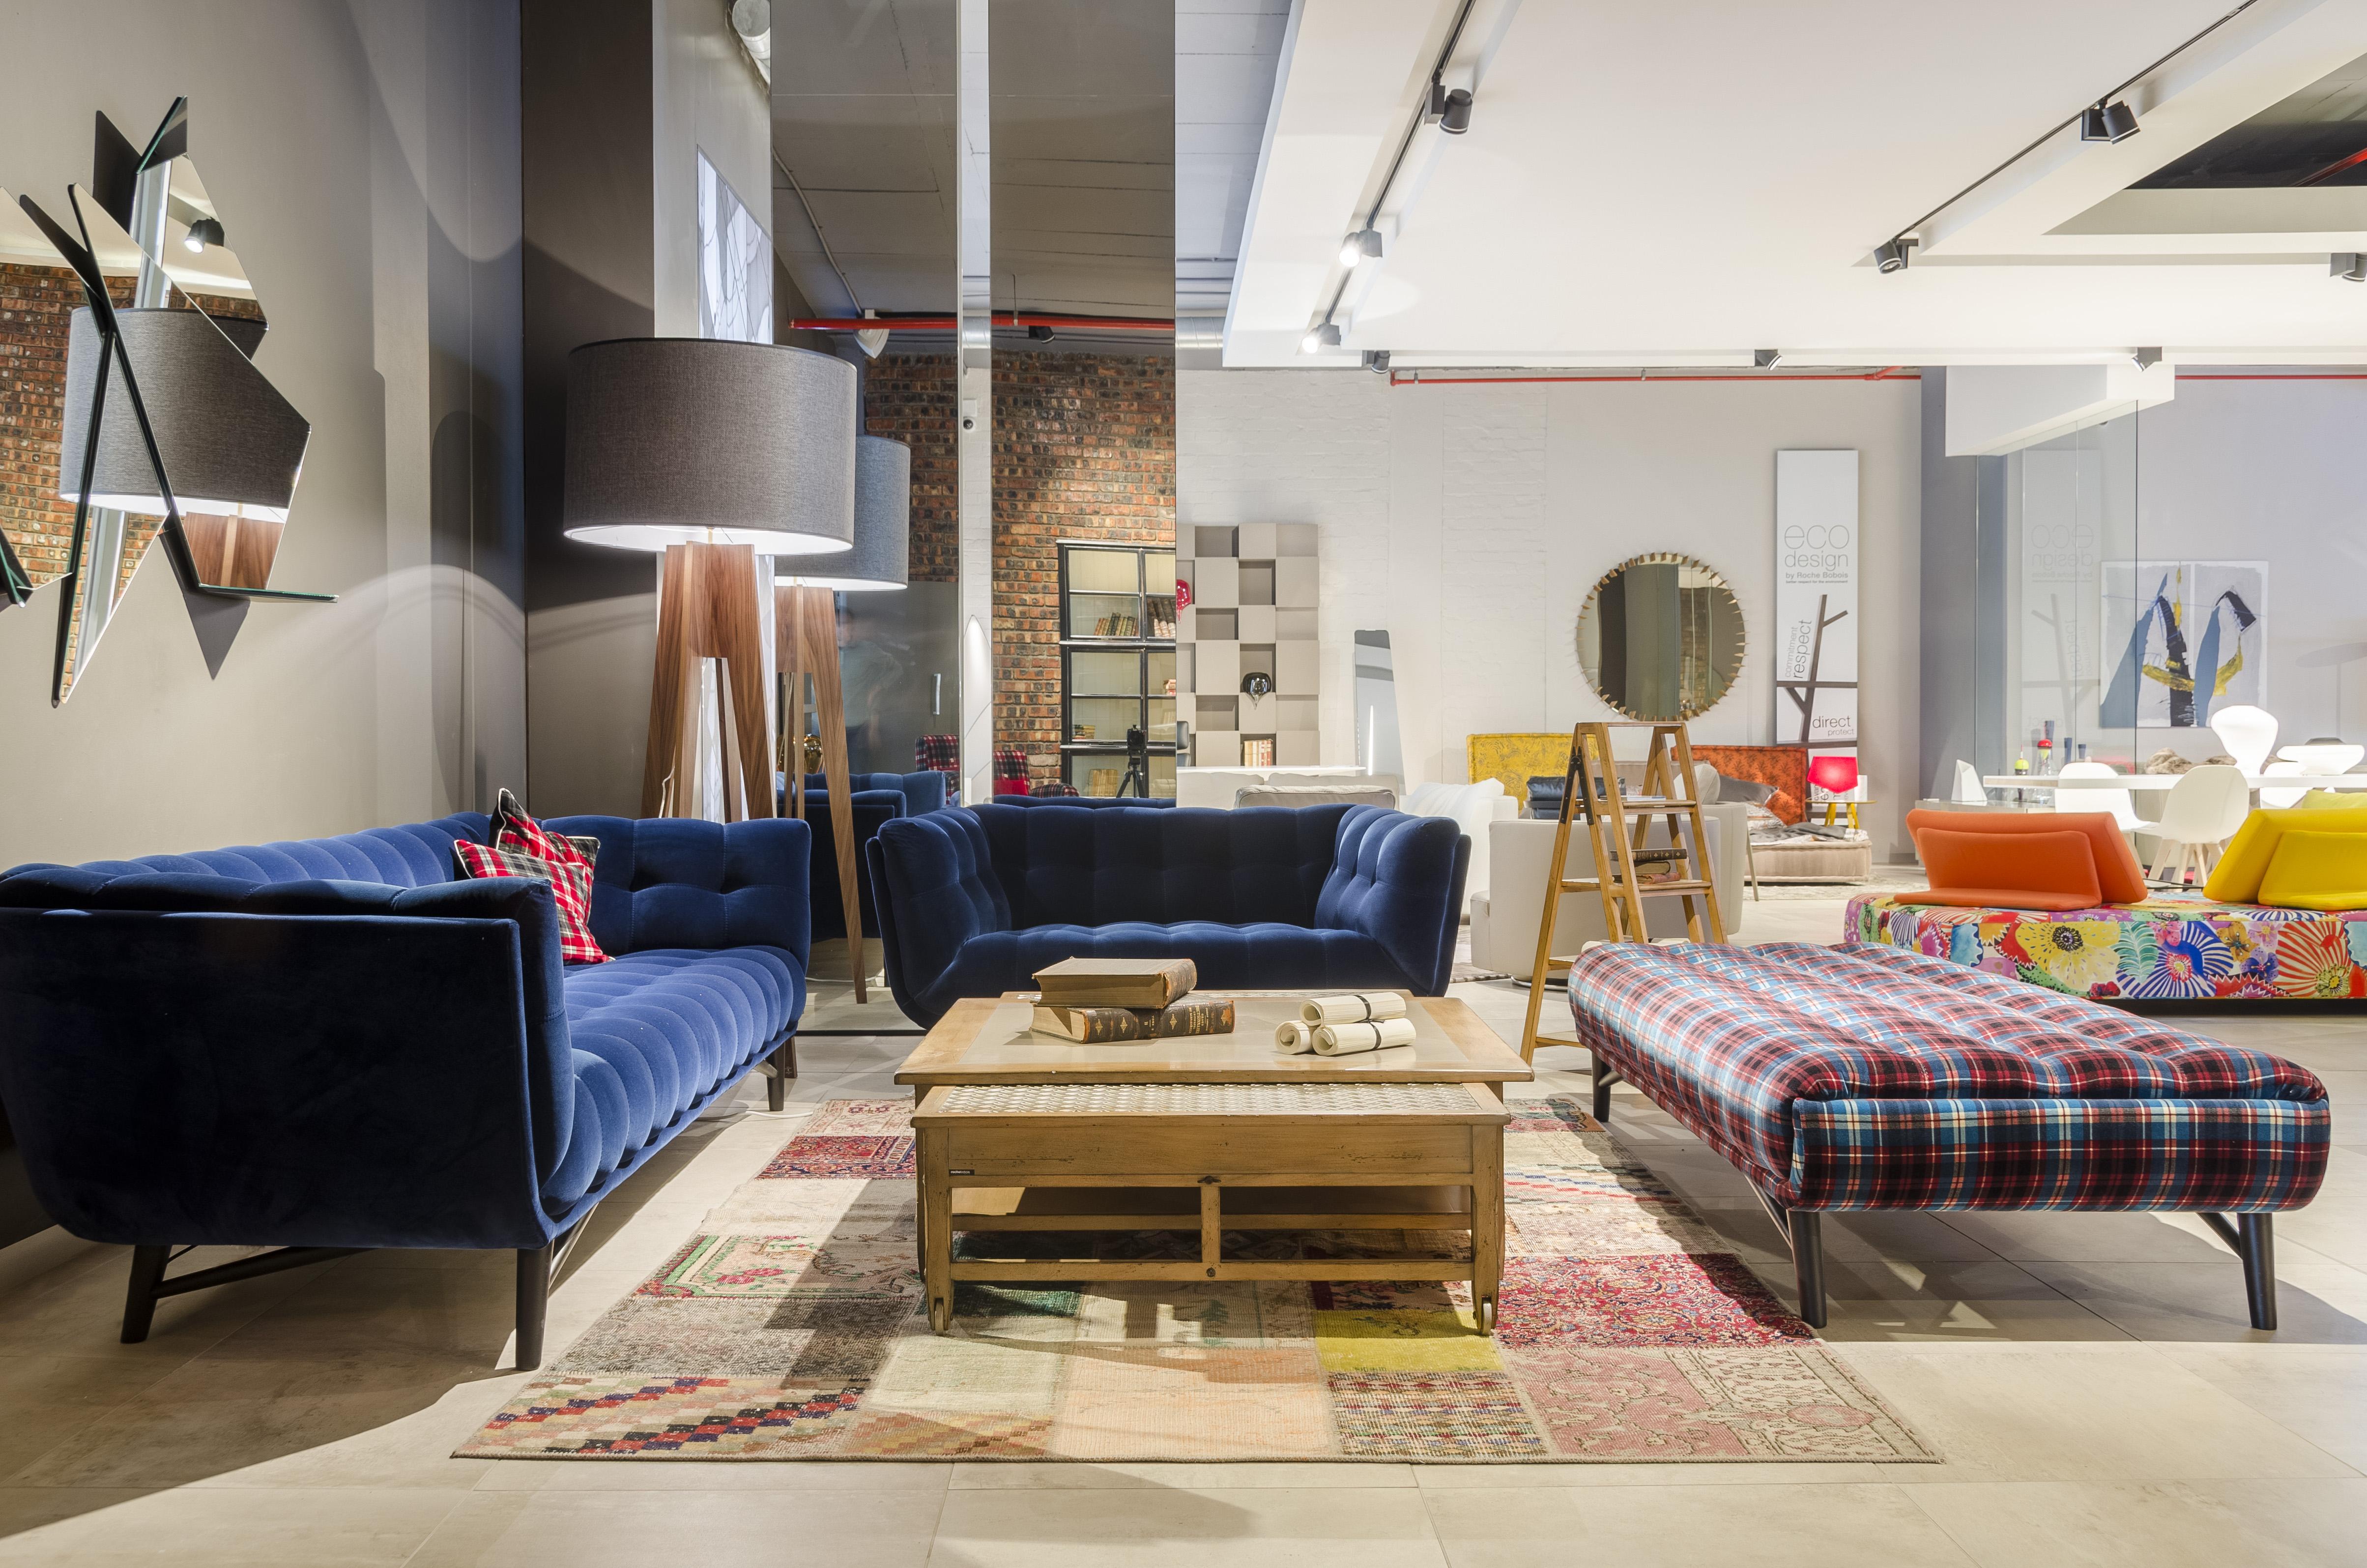 ameublement roche bobois acc l re son d veloppement l. Black Bedroom Furniture Sets. Home Design Ideas